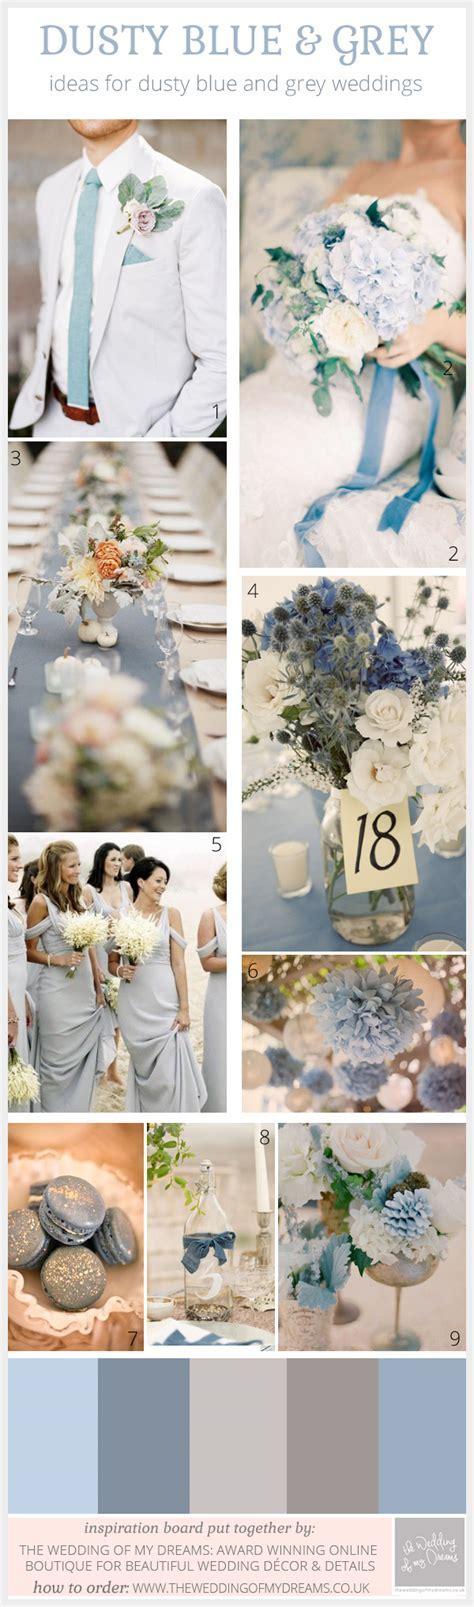 dusty blue and grey wedding ideas   The Wedding of My